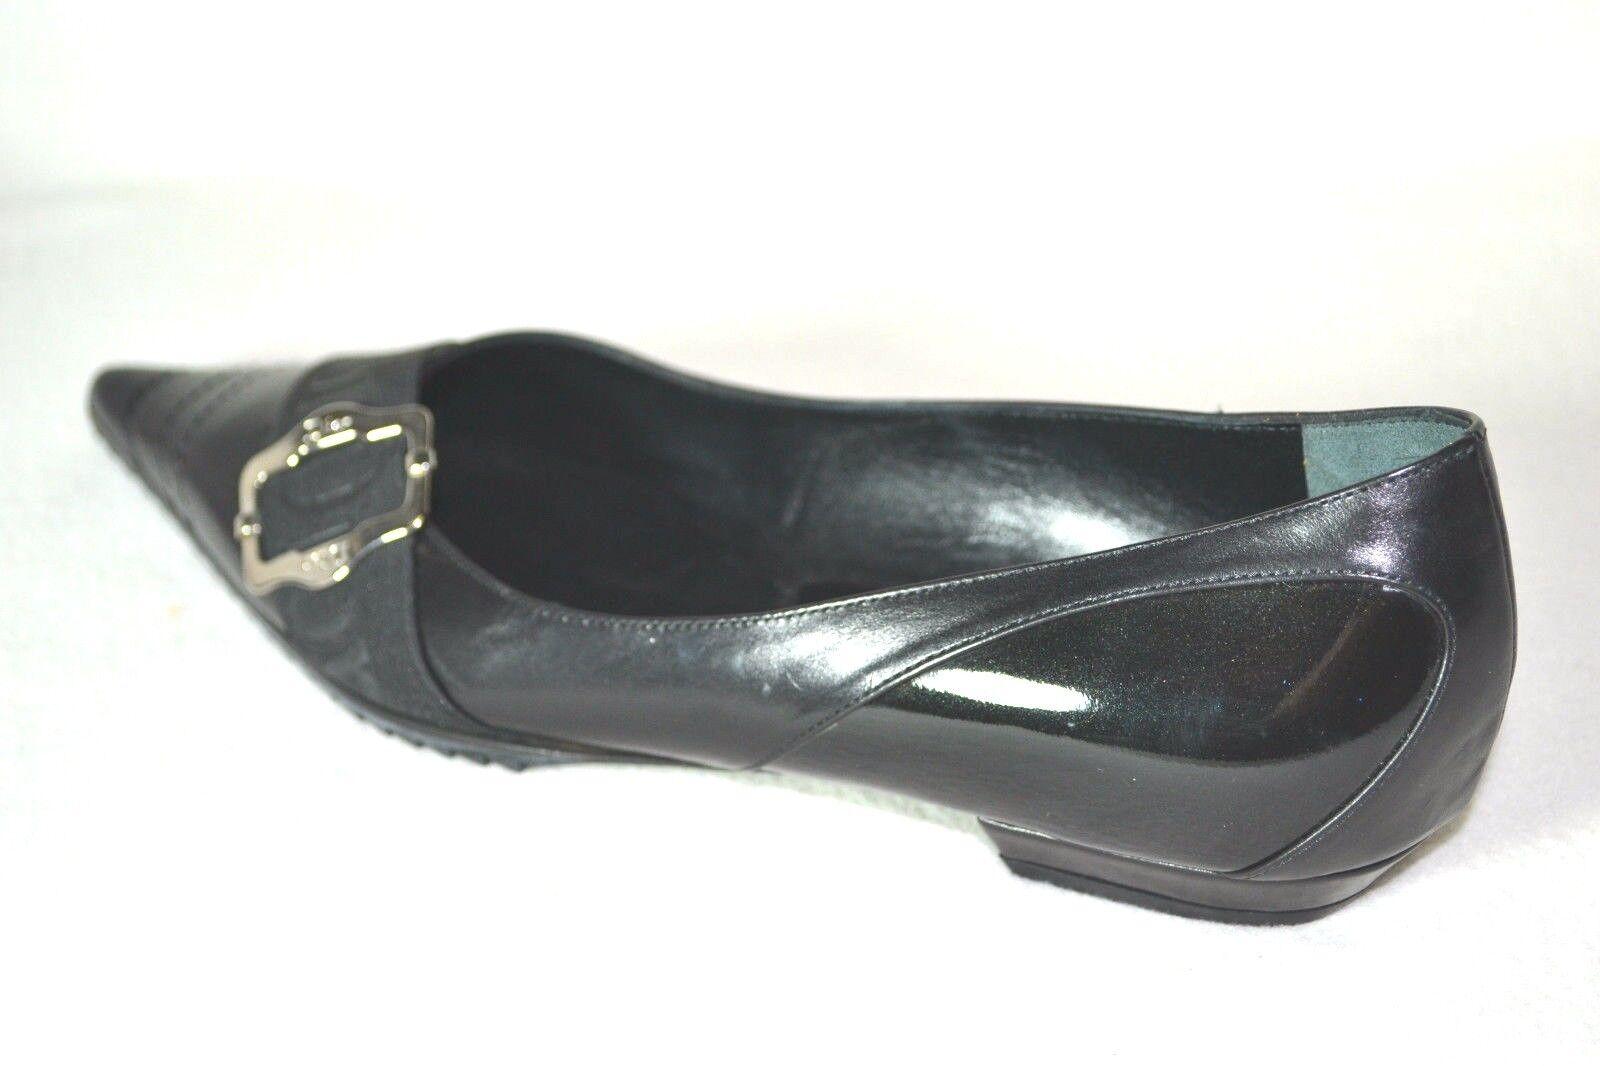 Novedad  dior zapatos zapatos 36 bailarinas Monogram cuero 36 zapatos UK 3 nuevo negro a1dfbe